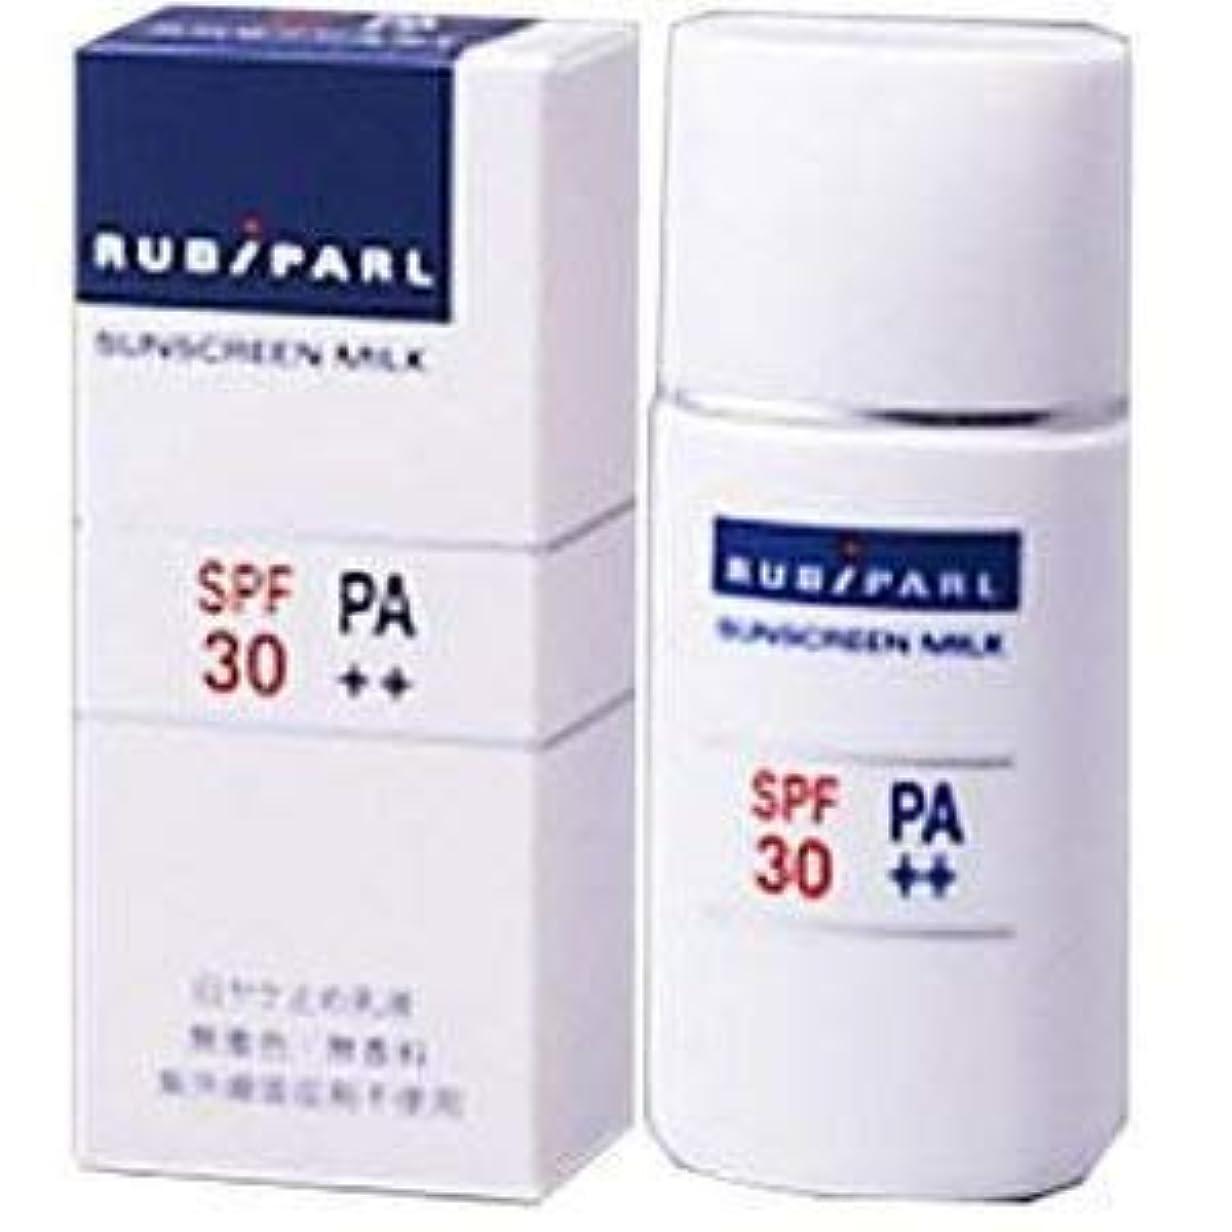 光の自治的分注するルビパール サンスクリーンミルク 日ヤケ止め乳液 SPF30 PA++ 30mLx3個セット